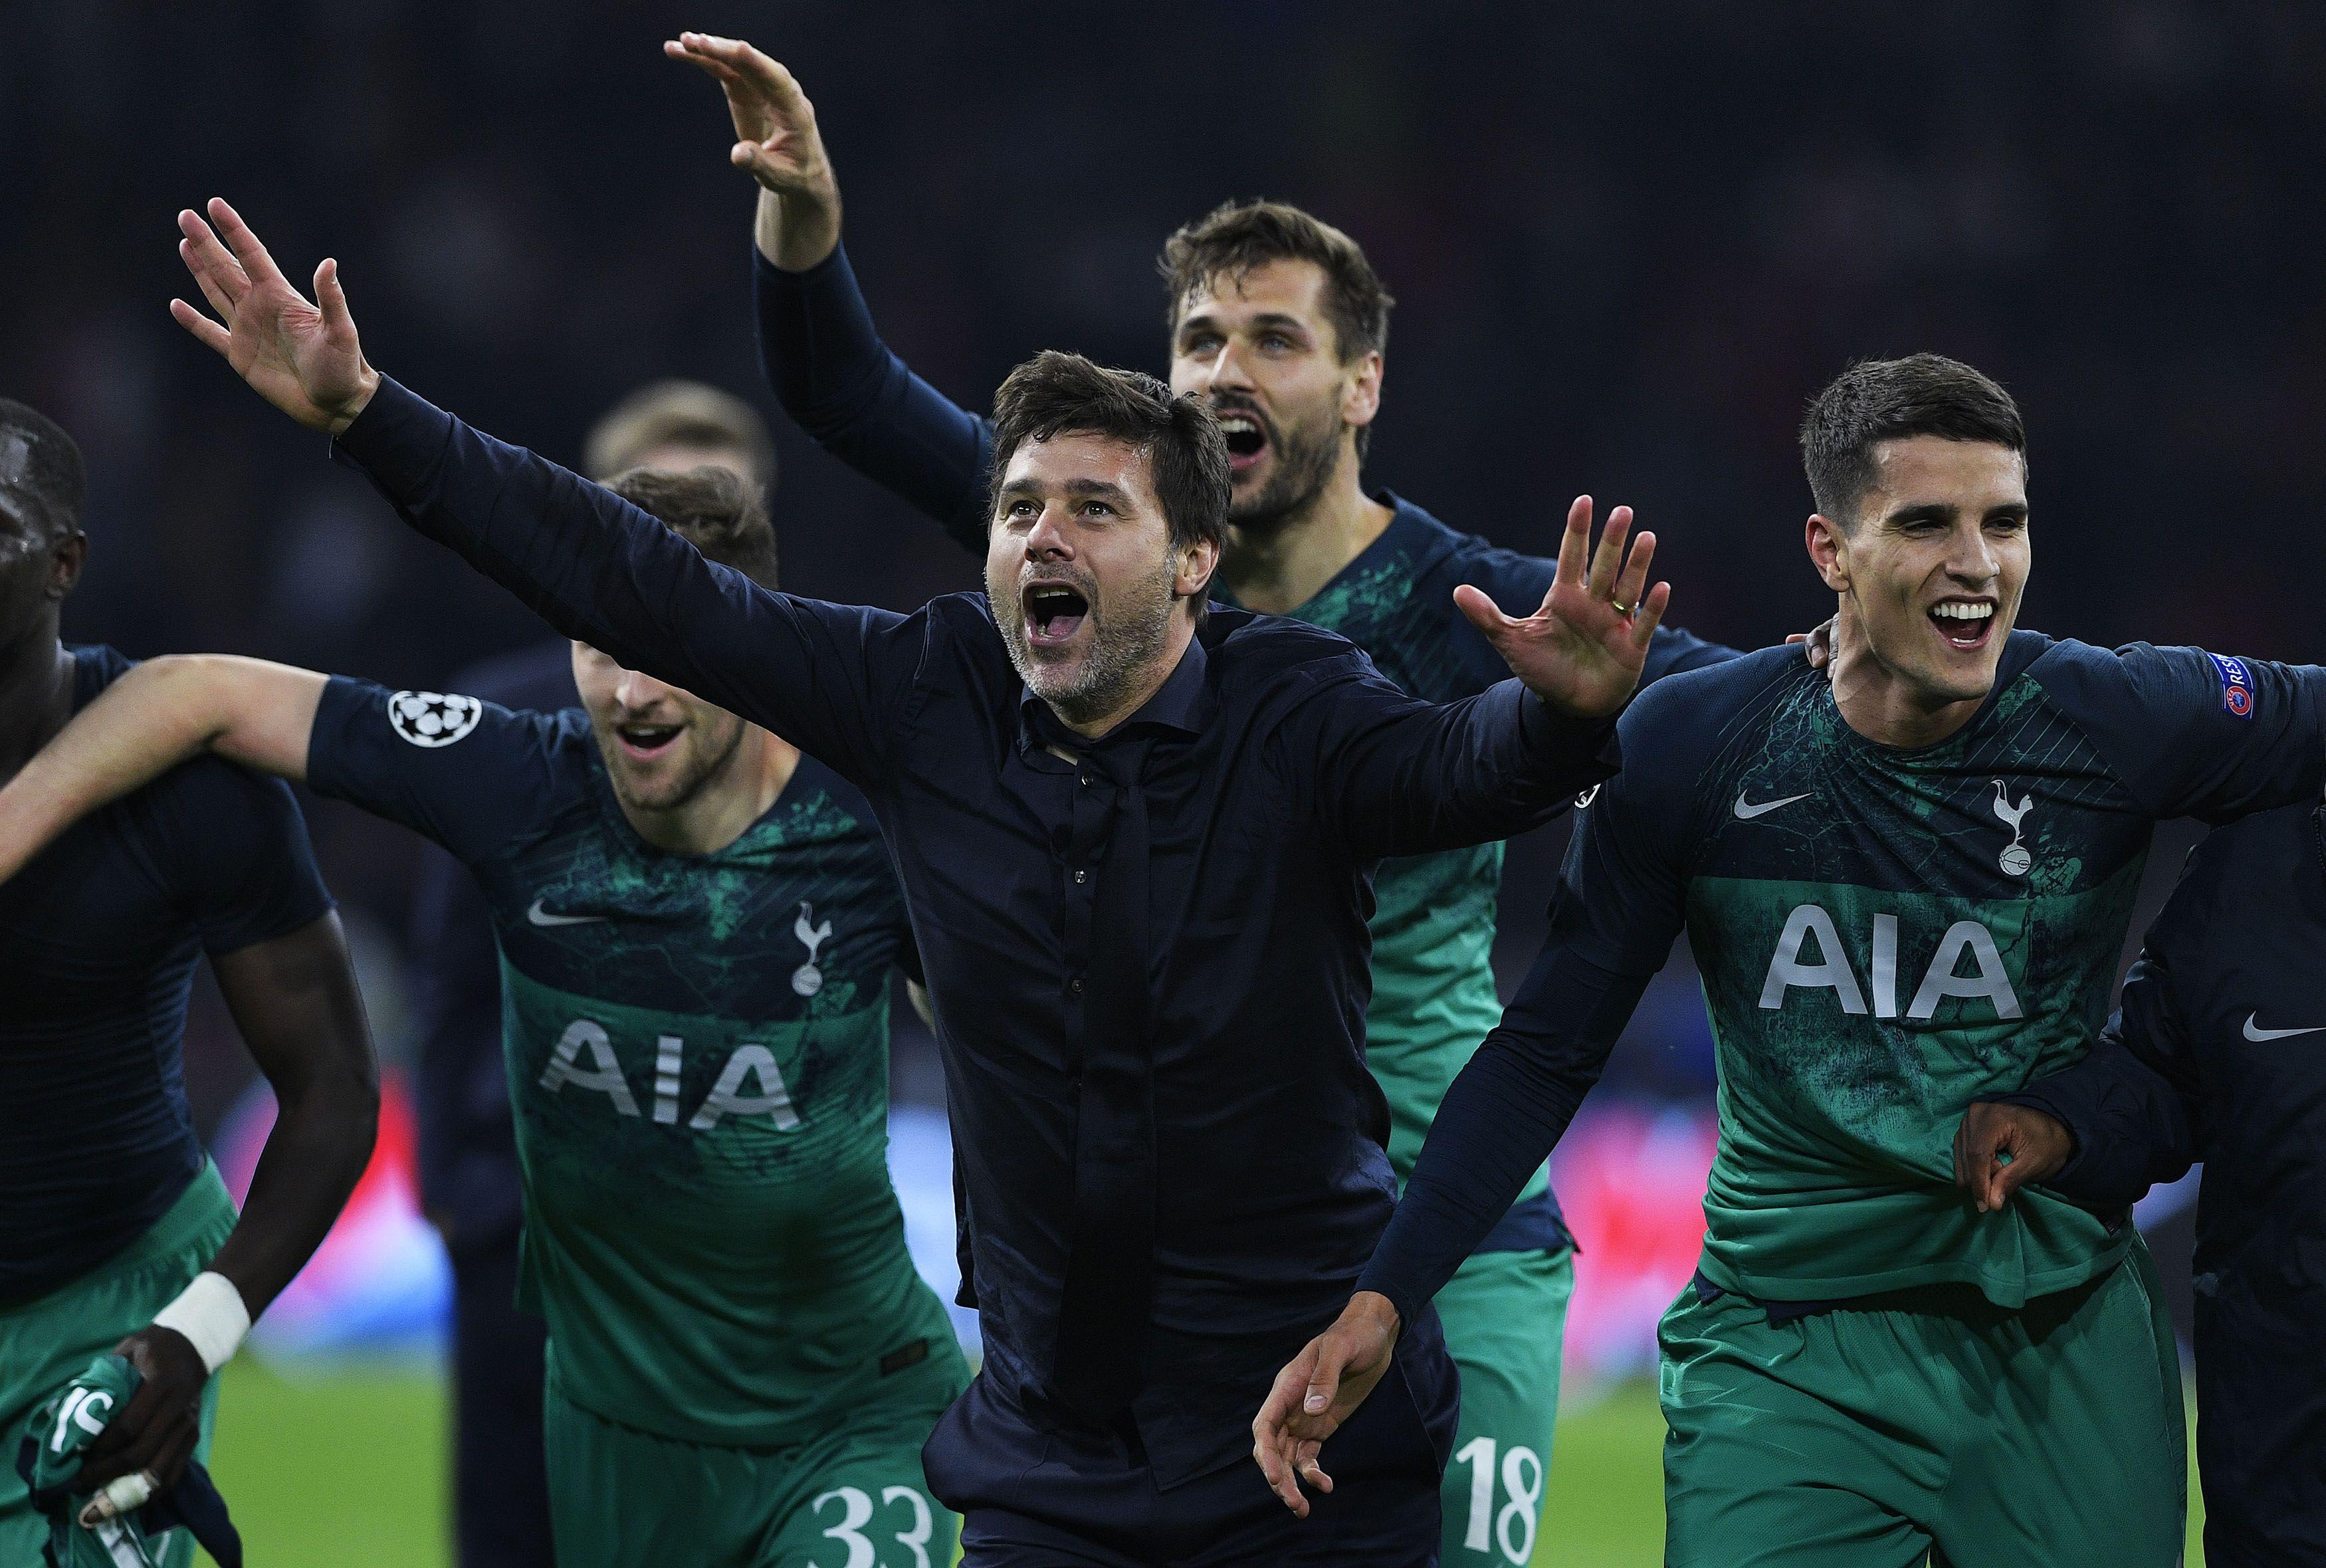 El entrenador argentino del Tottenham, Mauricio Pochettino, celebra la clasificación en la final. (Foto Prensa Libre: AFP)